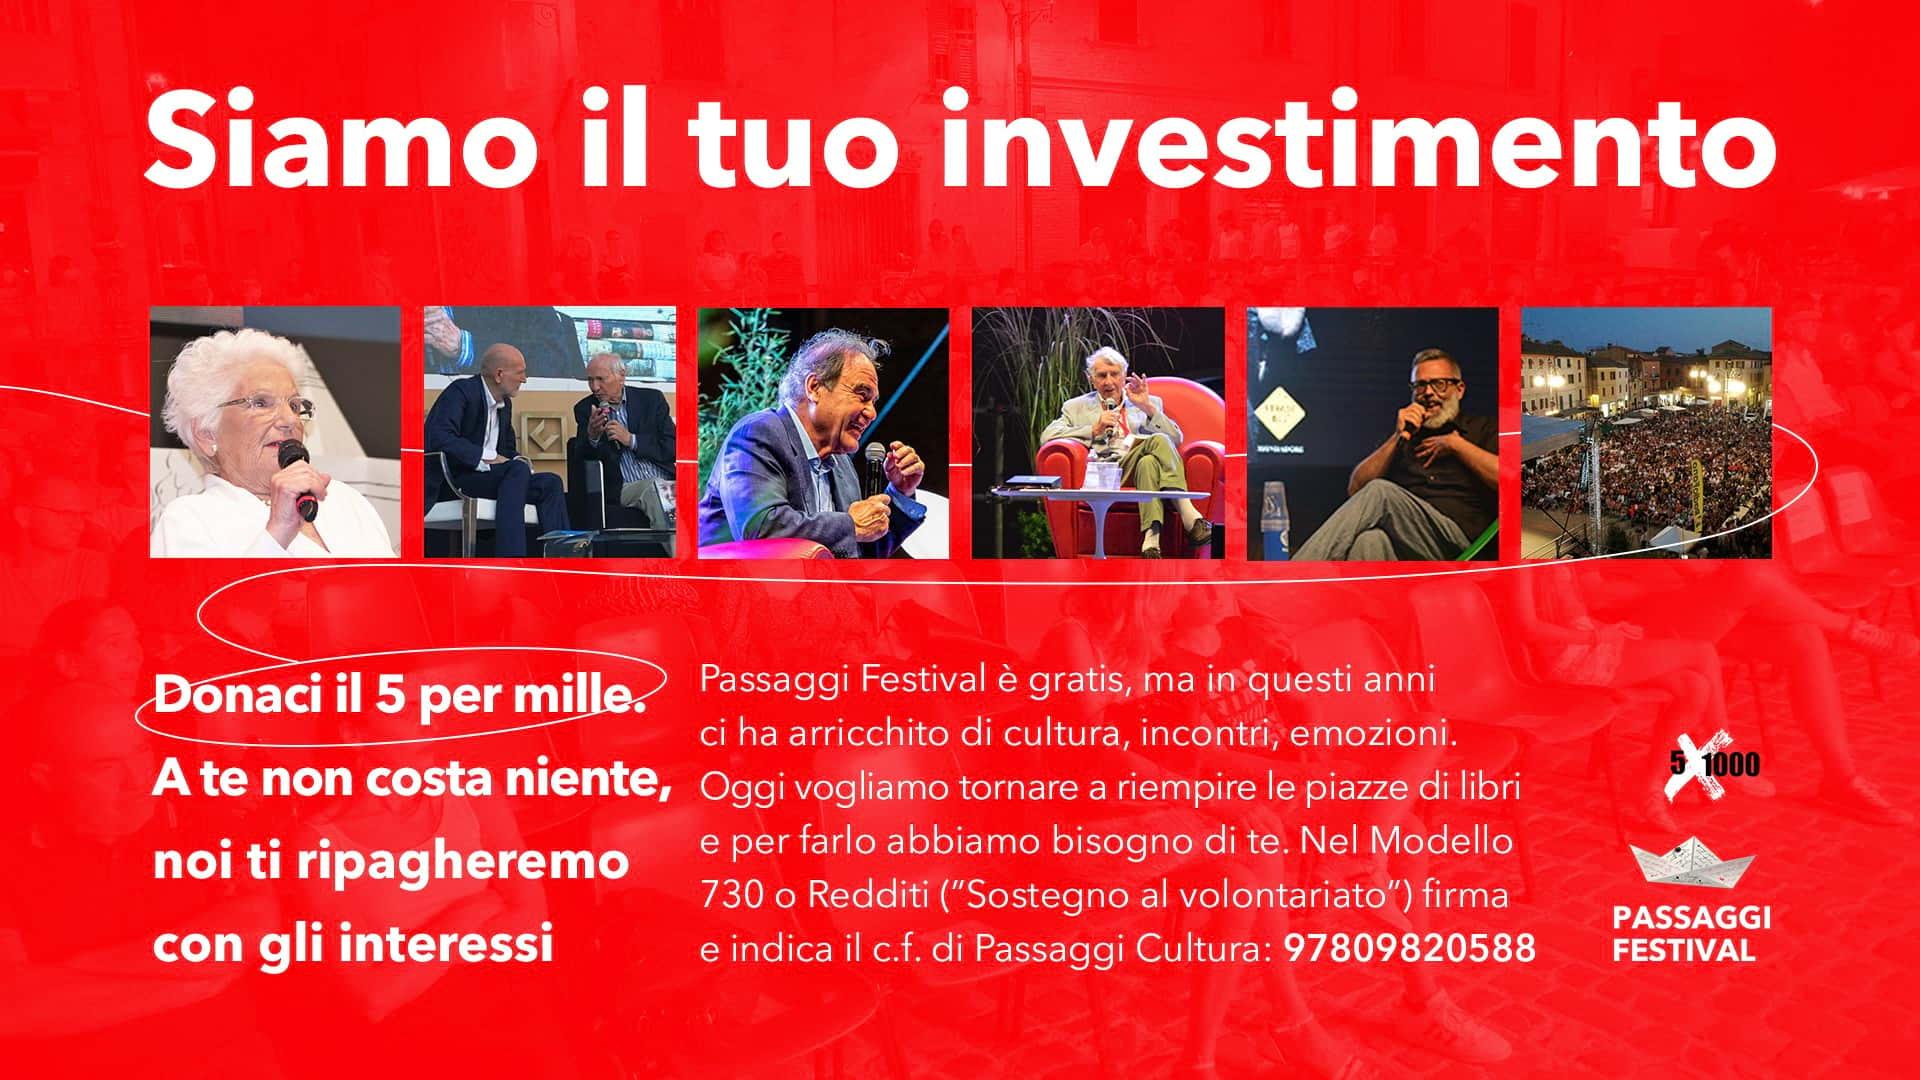 dichiarazione redditi 5x1000 a Passaggi Festival